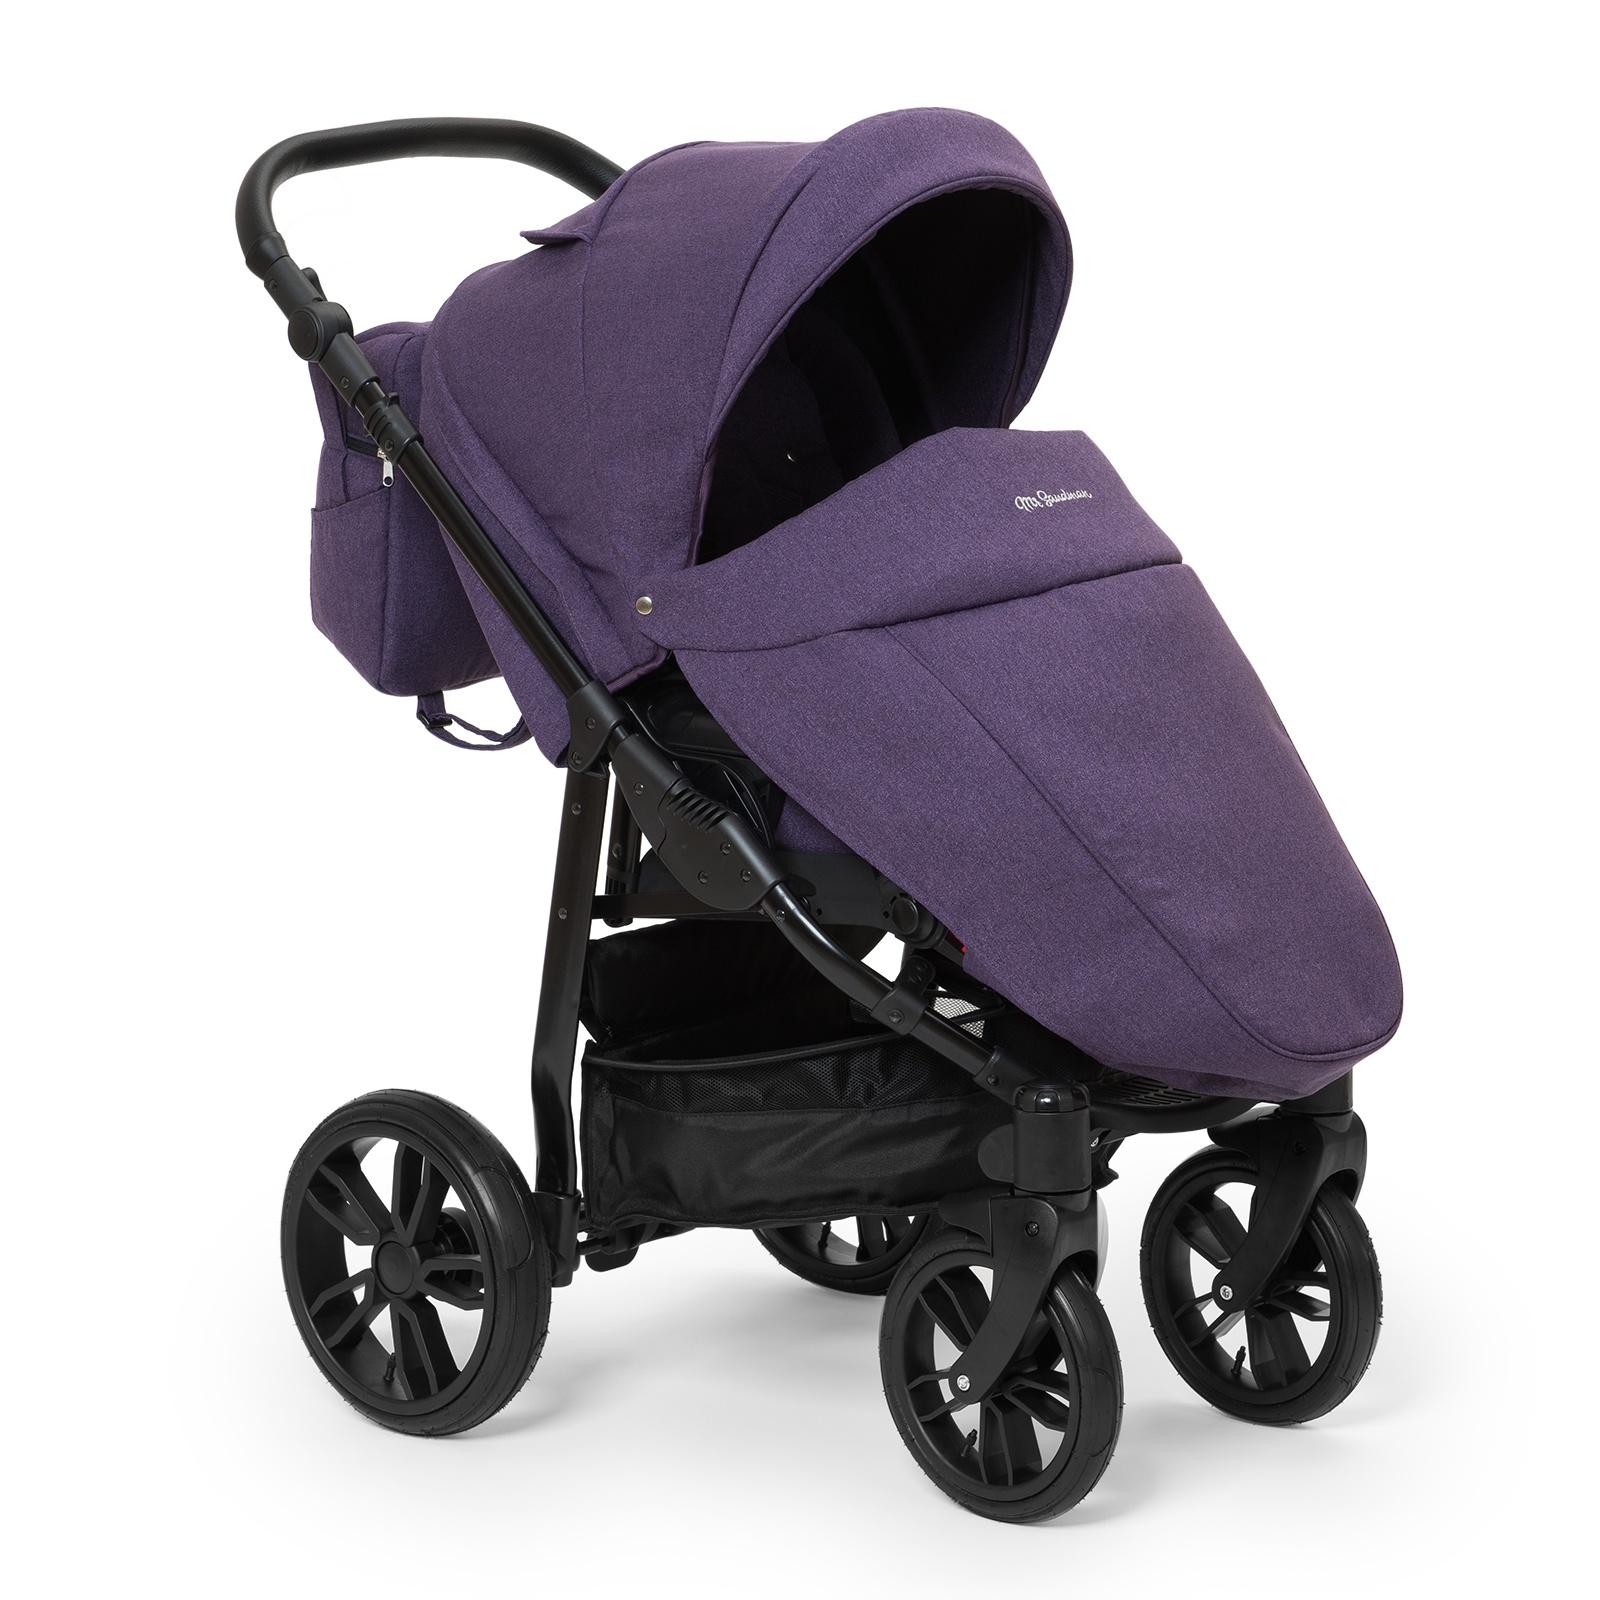 Коляска прогулочная Mr Sandman Vortex, цвет: фиолетовый коляска mr sandman vortex прогулочная фиолетовый